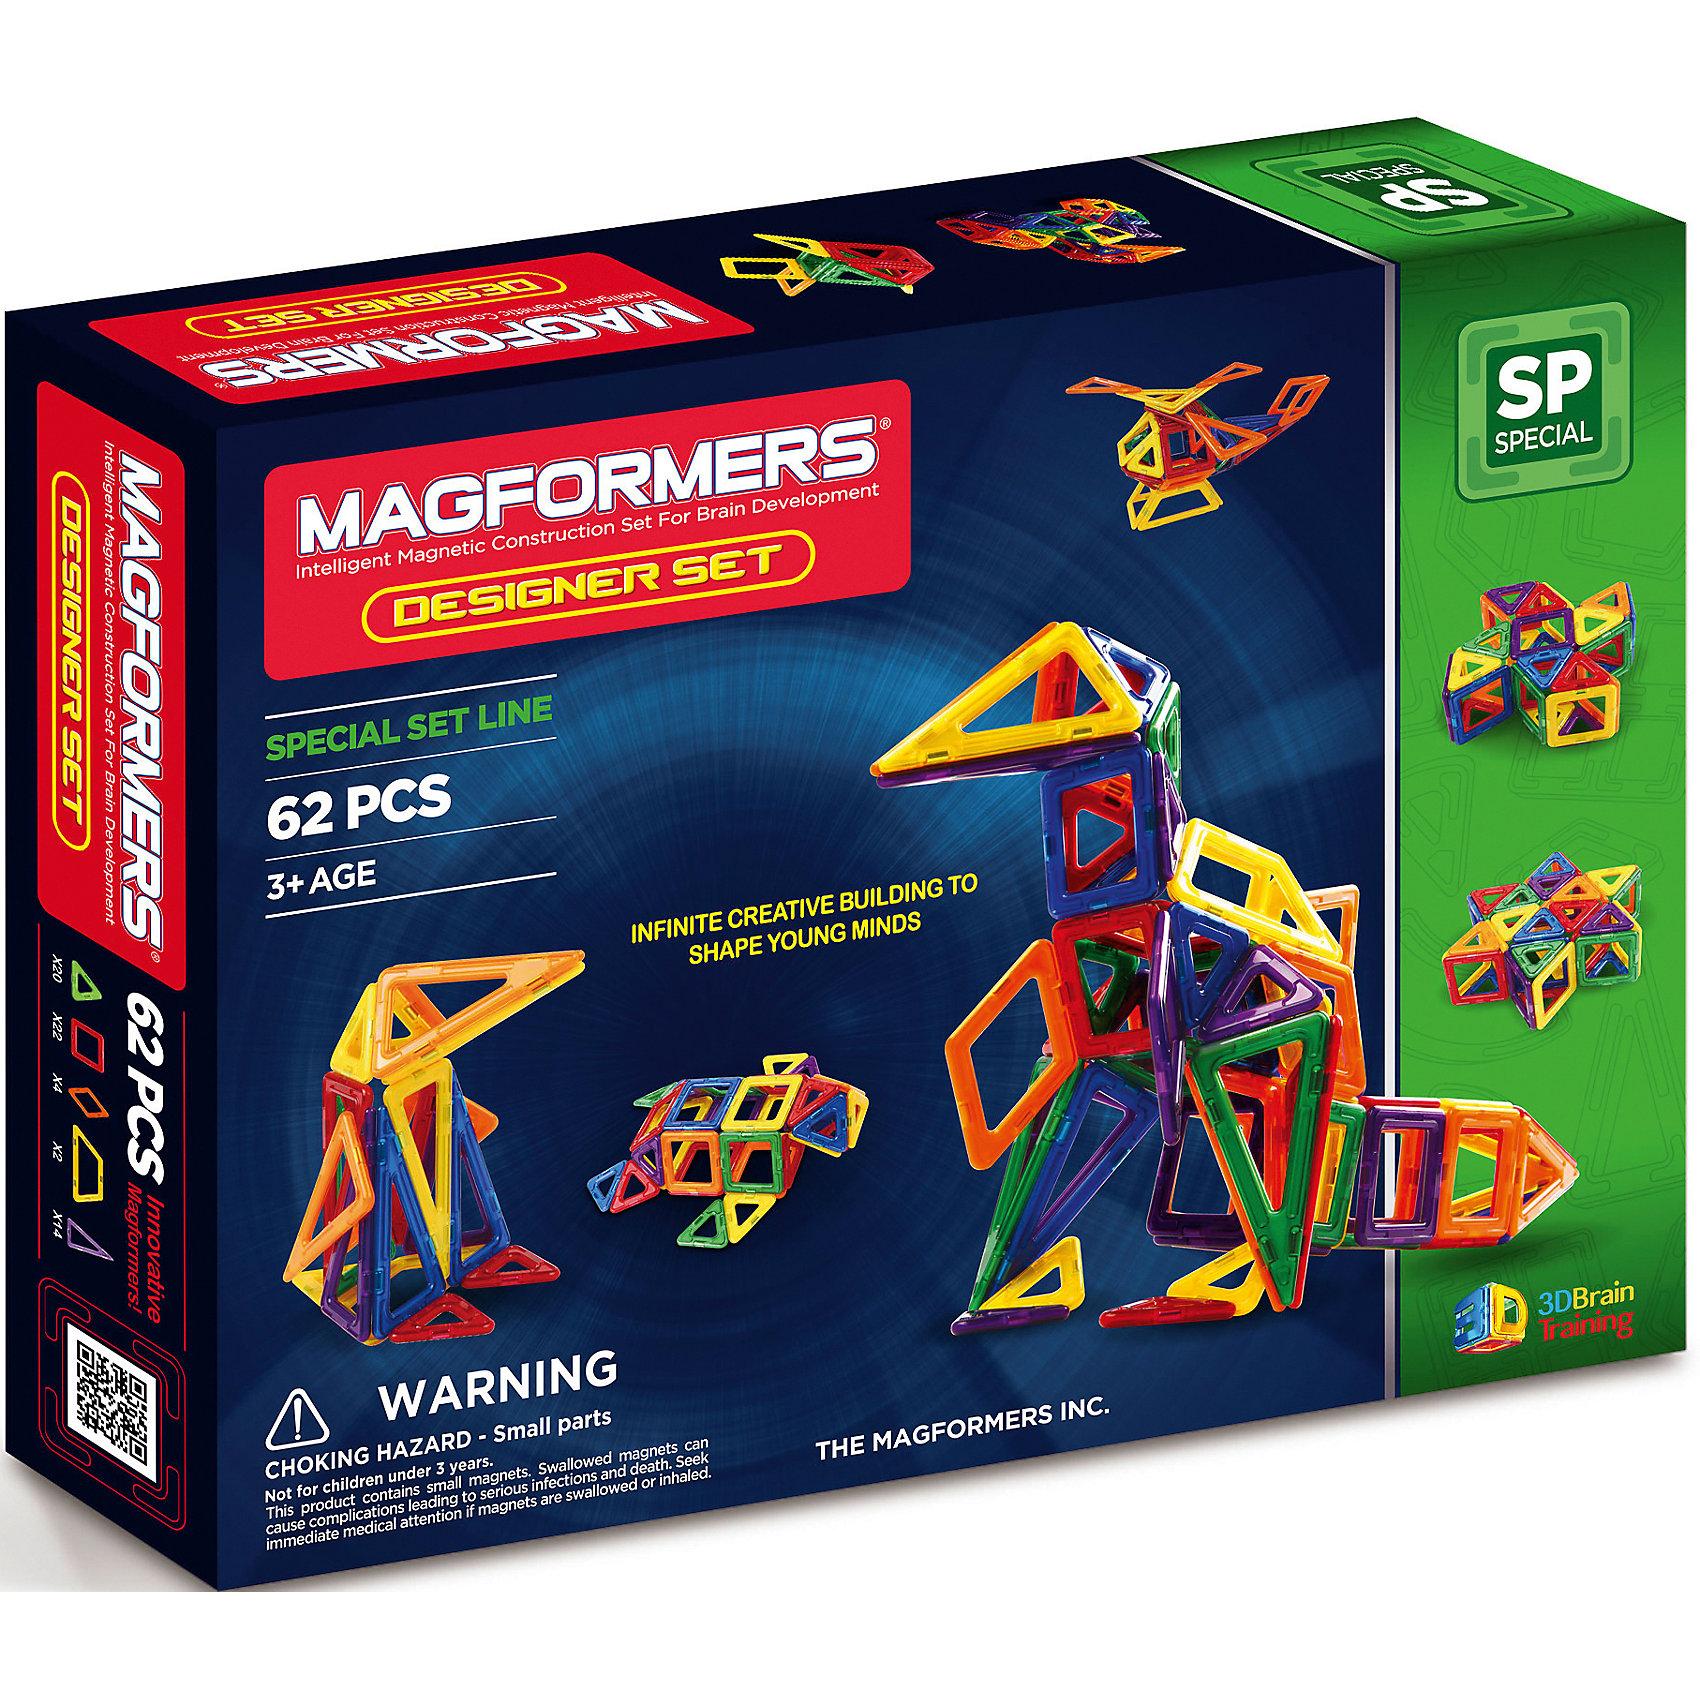 Магнитный конструктор Дизайнер сет, MAGFORMERSМагнитные конструкторы<br>Набор Magformers Designer Set из 62-х элементов предназначен для развития эрудиции детей. Такие мини-конструкторы подходят для мальчиков и девочек, так как ребёнок сможет построить много разных транспортных средств - самолёты или краны, экскаваторы, либо же отличный дом или замок. <br>Данный набор представляет собой прекрасную игрушку, которая позволяет ребёнку развивать воображение, способности к геометрии, пространственному мышлению. <br>Хотя такие наборы больше подходят для детей старшего возраста, многие малыши проявляют особенный интерес к подобного рода игре. Из базовых фигурок можно построить множество различных предметов. Таким образом, ребёнок сможет воплотить свои фантазии в реальность. Со временем вы заметите, что создаваемые вашим ребёнком фигуры, становятся всё более объёмными и сложными. <br>.<br>Такой конструктор понравится каждому ребенку. К тому же яркая упаковка помогает ему стать идеальным подарком!<br><br>Дополнительная информация:<br><br>- Количество деталей: 62 шт. <br>- Треугольники: 20 шт. <br>- Квадраты: 22 шт. <br>- Ромбы: 4 шт. <br>- Трапеции: 2 шт. <br>- Равнобедренные треугольники: 14 шт. <br>- Возраст: от 3 лет  <br>- Материал: прочный пластик <br>- Размер упаковки: 37x28x6,5 см <br>- Вес в упаковке: 0,91 кг.<br><br>Купить магнитный конструктор Дизайнер сет MAGFORMERS можно в нашем магазине.<br><br>Ширина мм: 365<br>Глубина мм: 280<br>Высота мм: 60<br>Вес г: 1275<br>Возраст от месяцев: 36<br>Возраст до месяцев: 192<br>Пол: Унисекс<br>Возраст: Детский<br>SKU: 4730840